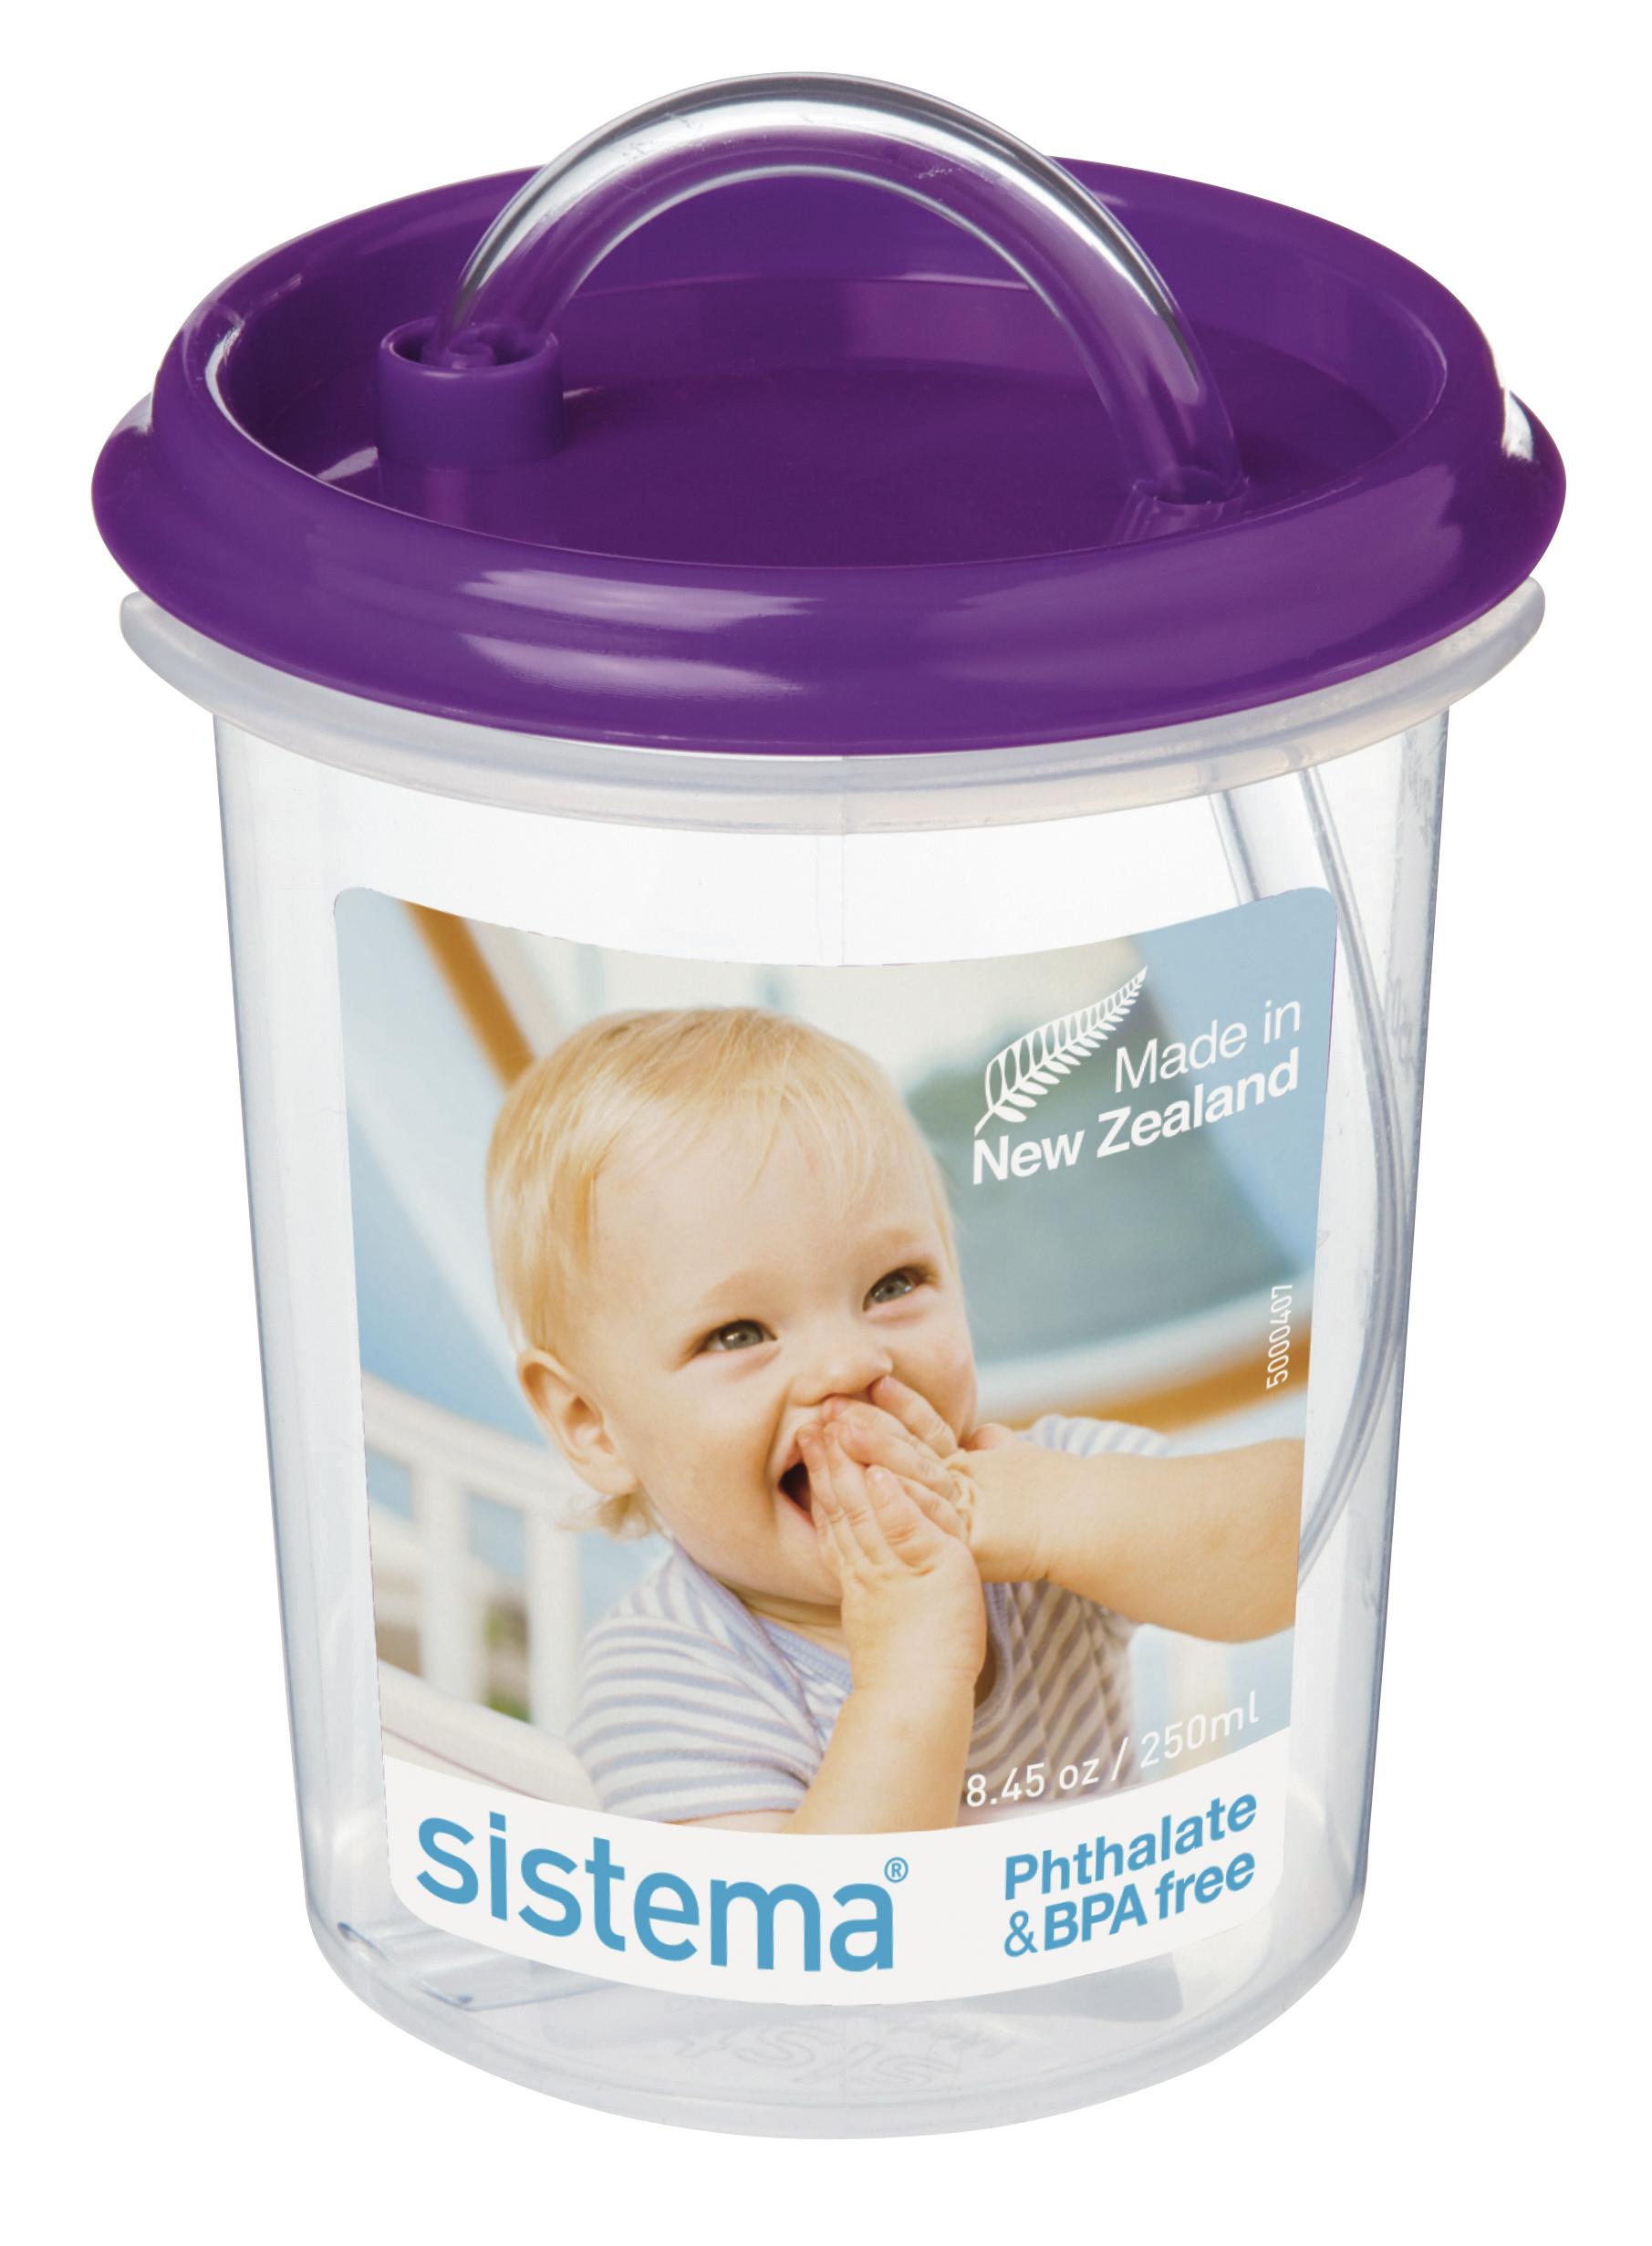 Чашка детская Sistema, с трубочкой, цвет: фиолетовый, 250 мл40Детскую чашку с трубочкой Dinkee Straw можно трясти, опрокидывать и даже подбрасывать в воздух – содержимое не прольется, удобна для детских ручек. Удобная поилка с крышкой-непроливайкой в дополнение к эргономичной форме и яркой расцветке делают данную чашку незаменимой в дороге, на прогулке, дома или на даче . Именно благодаря простоте и комфорту в использовании, качественным материалам и стильному дизайну, чашка с трубочкой так популярна. Можно мыть в посудомоечной машине.